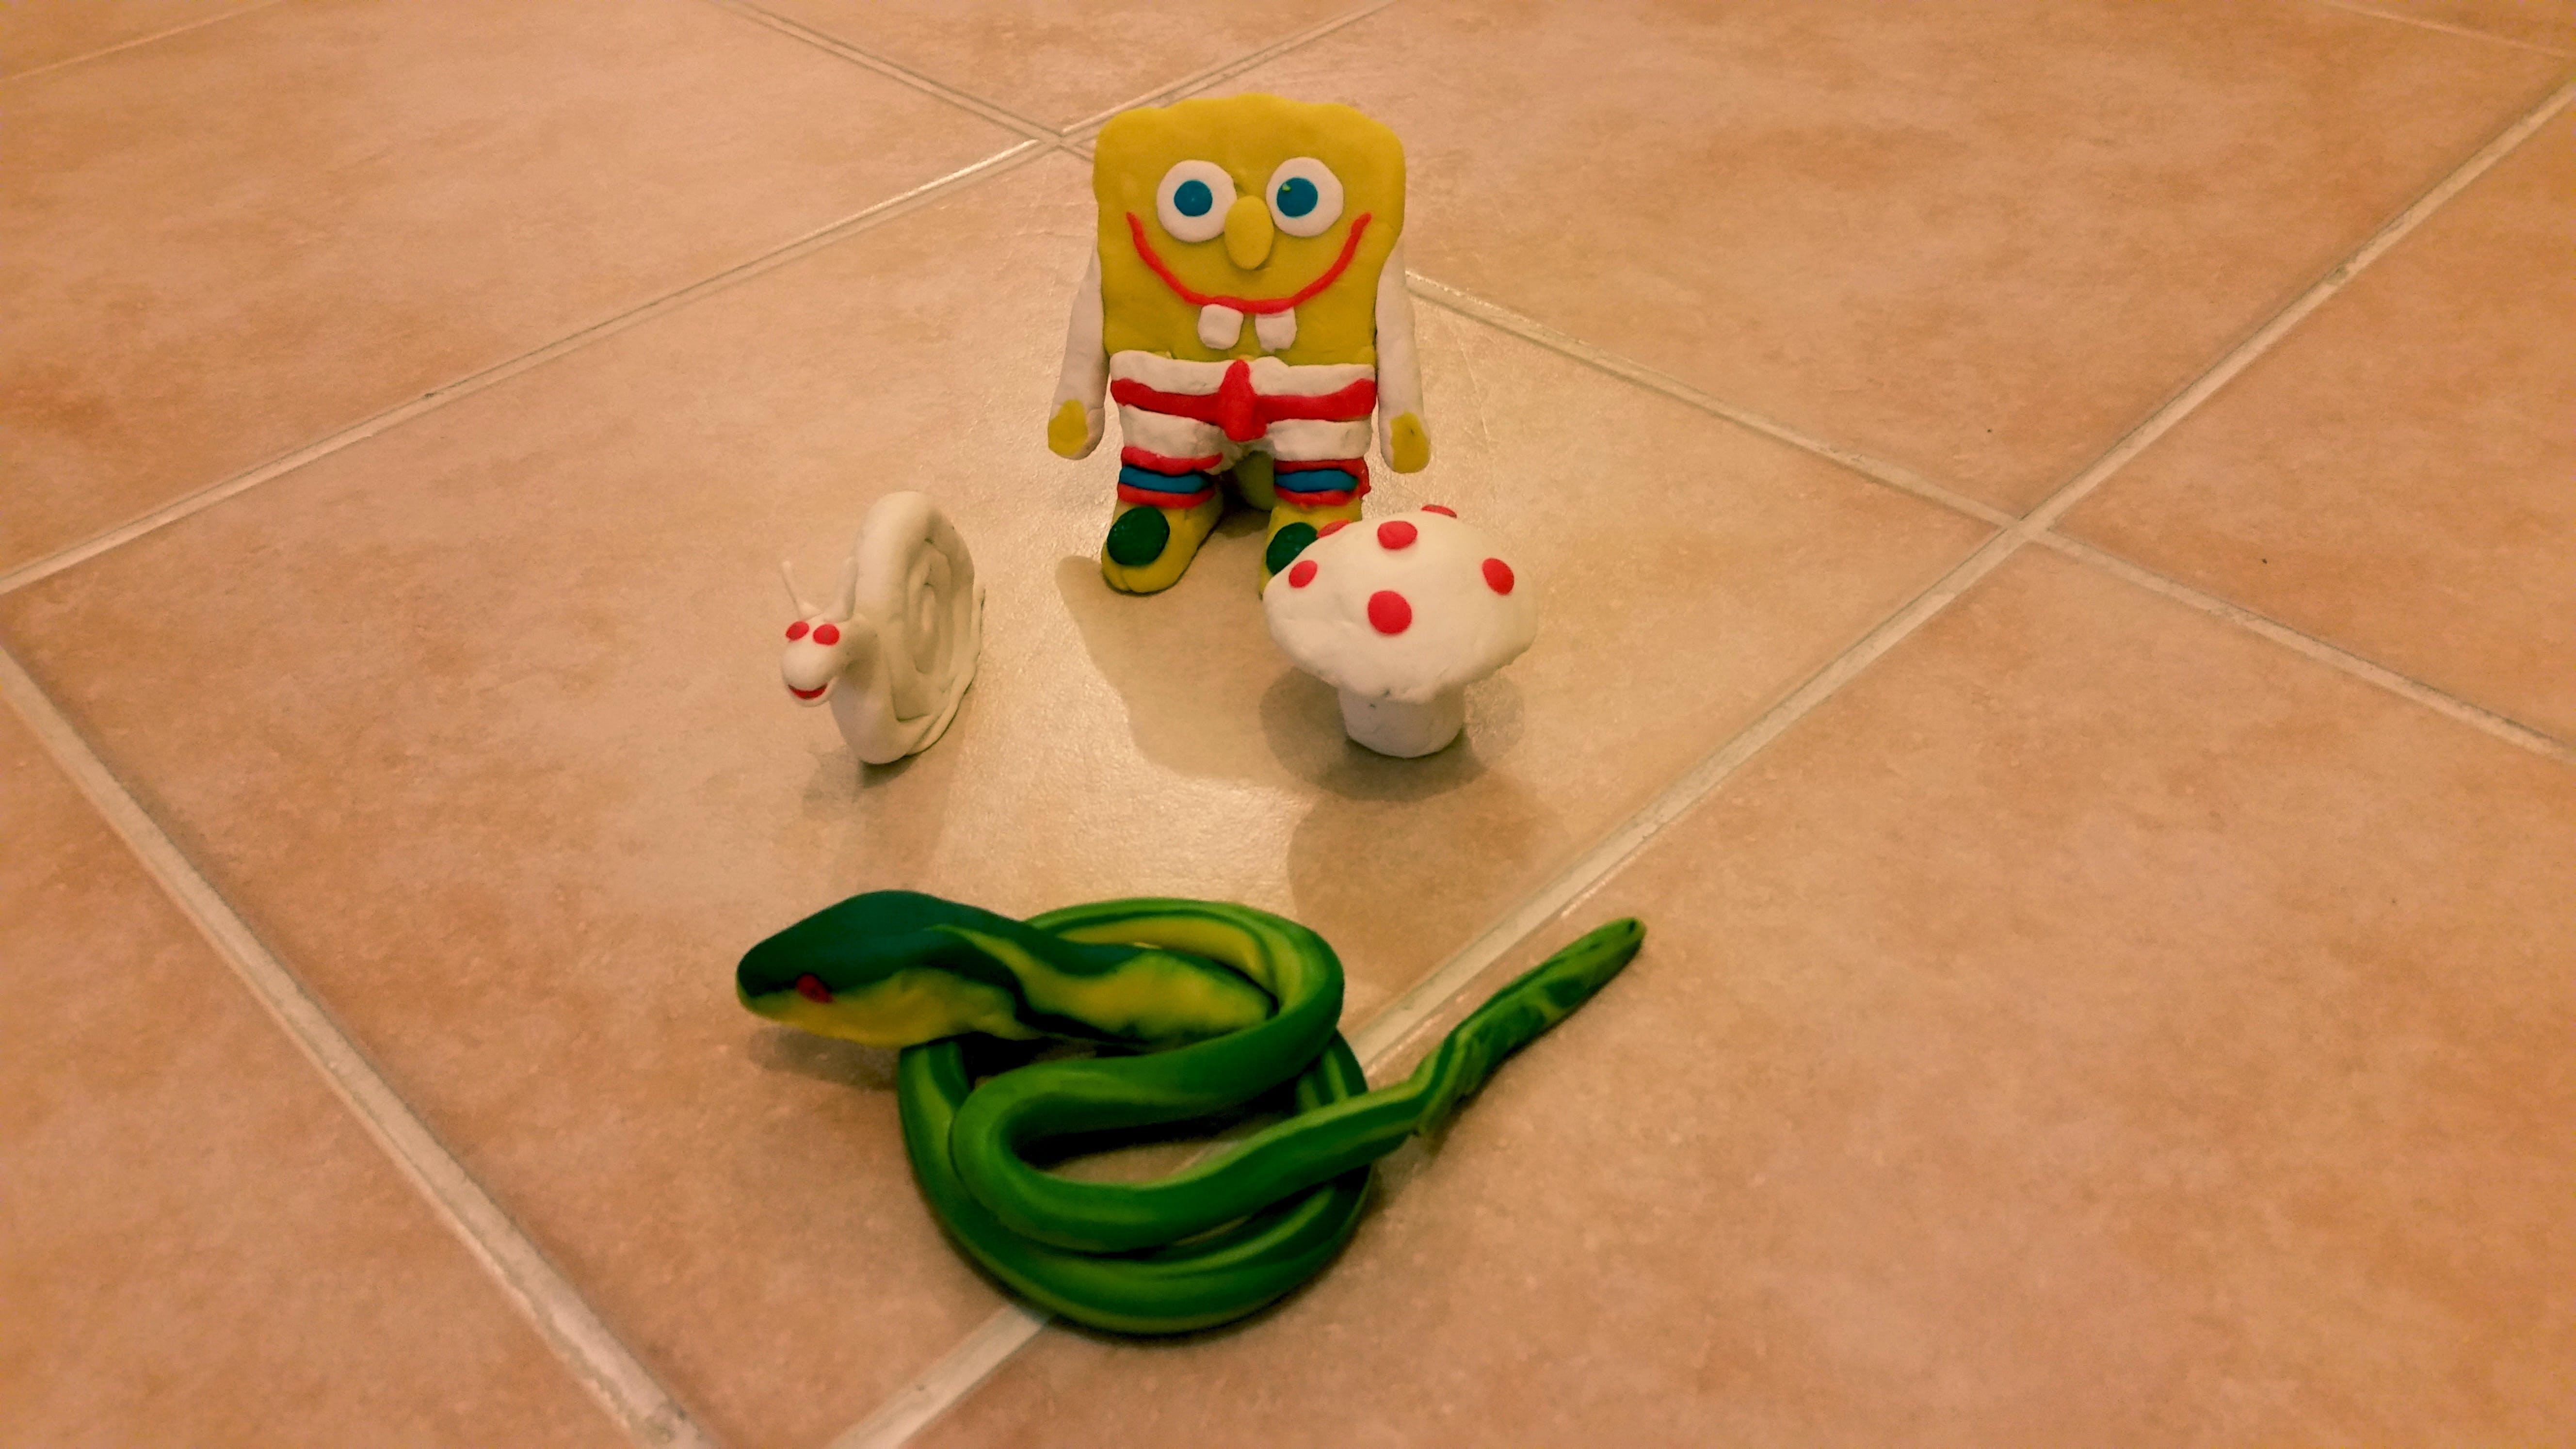 Free stock photo of toys